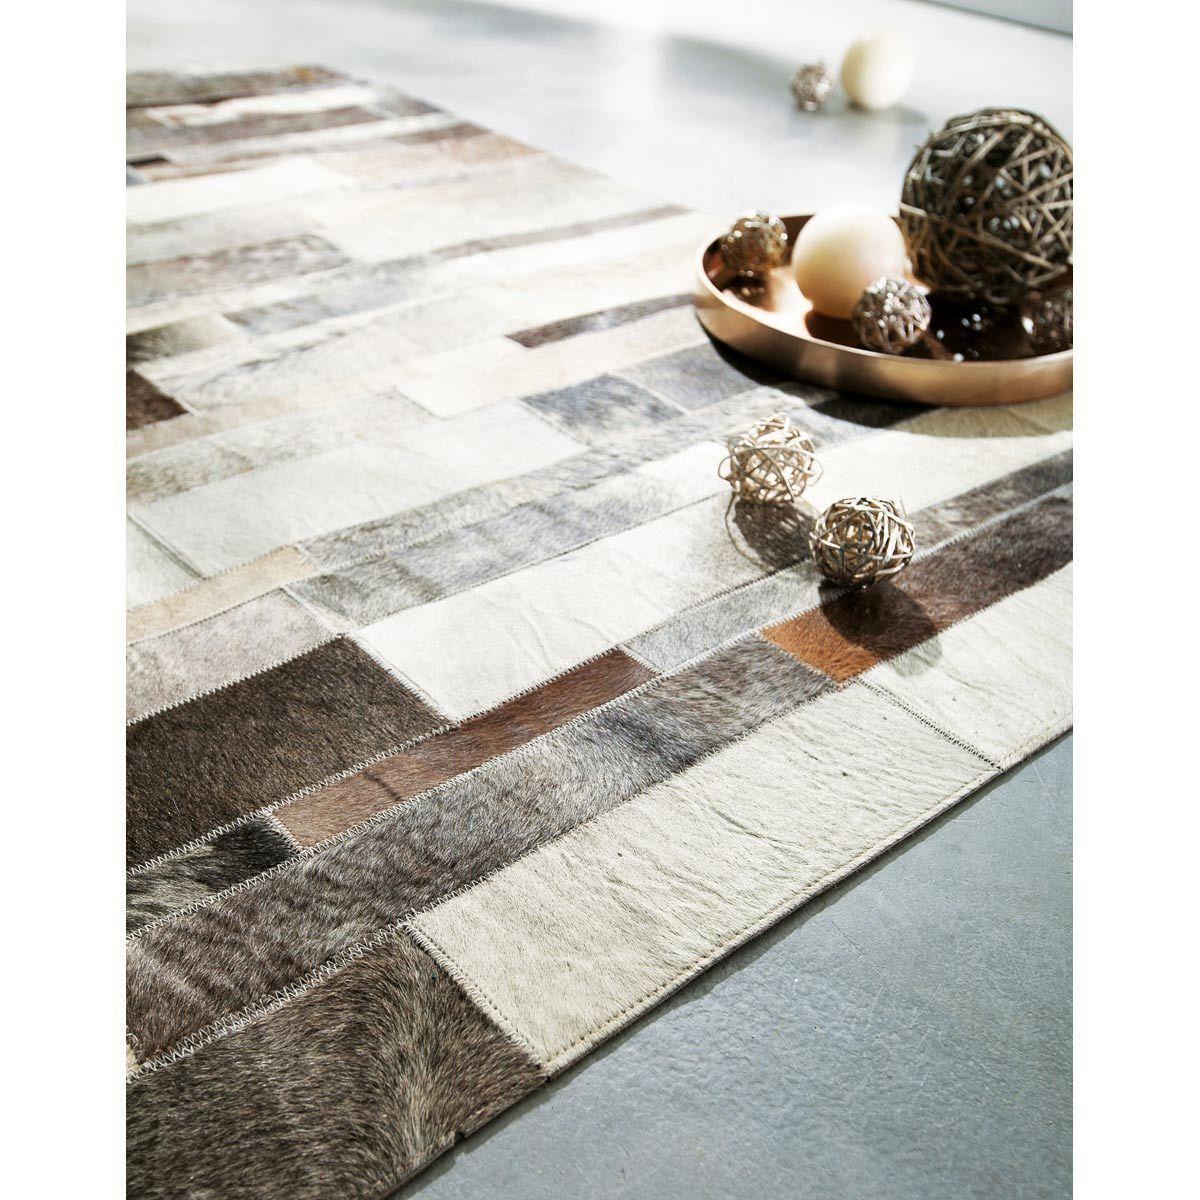 Tapis En Cuir Beige 80 X 300 Cm Mit Bildern Lederteppiche Teppich Wohnzimmer Teppich